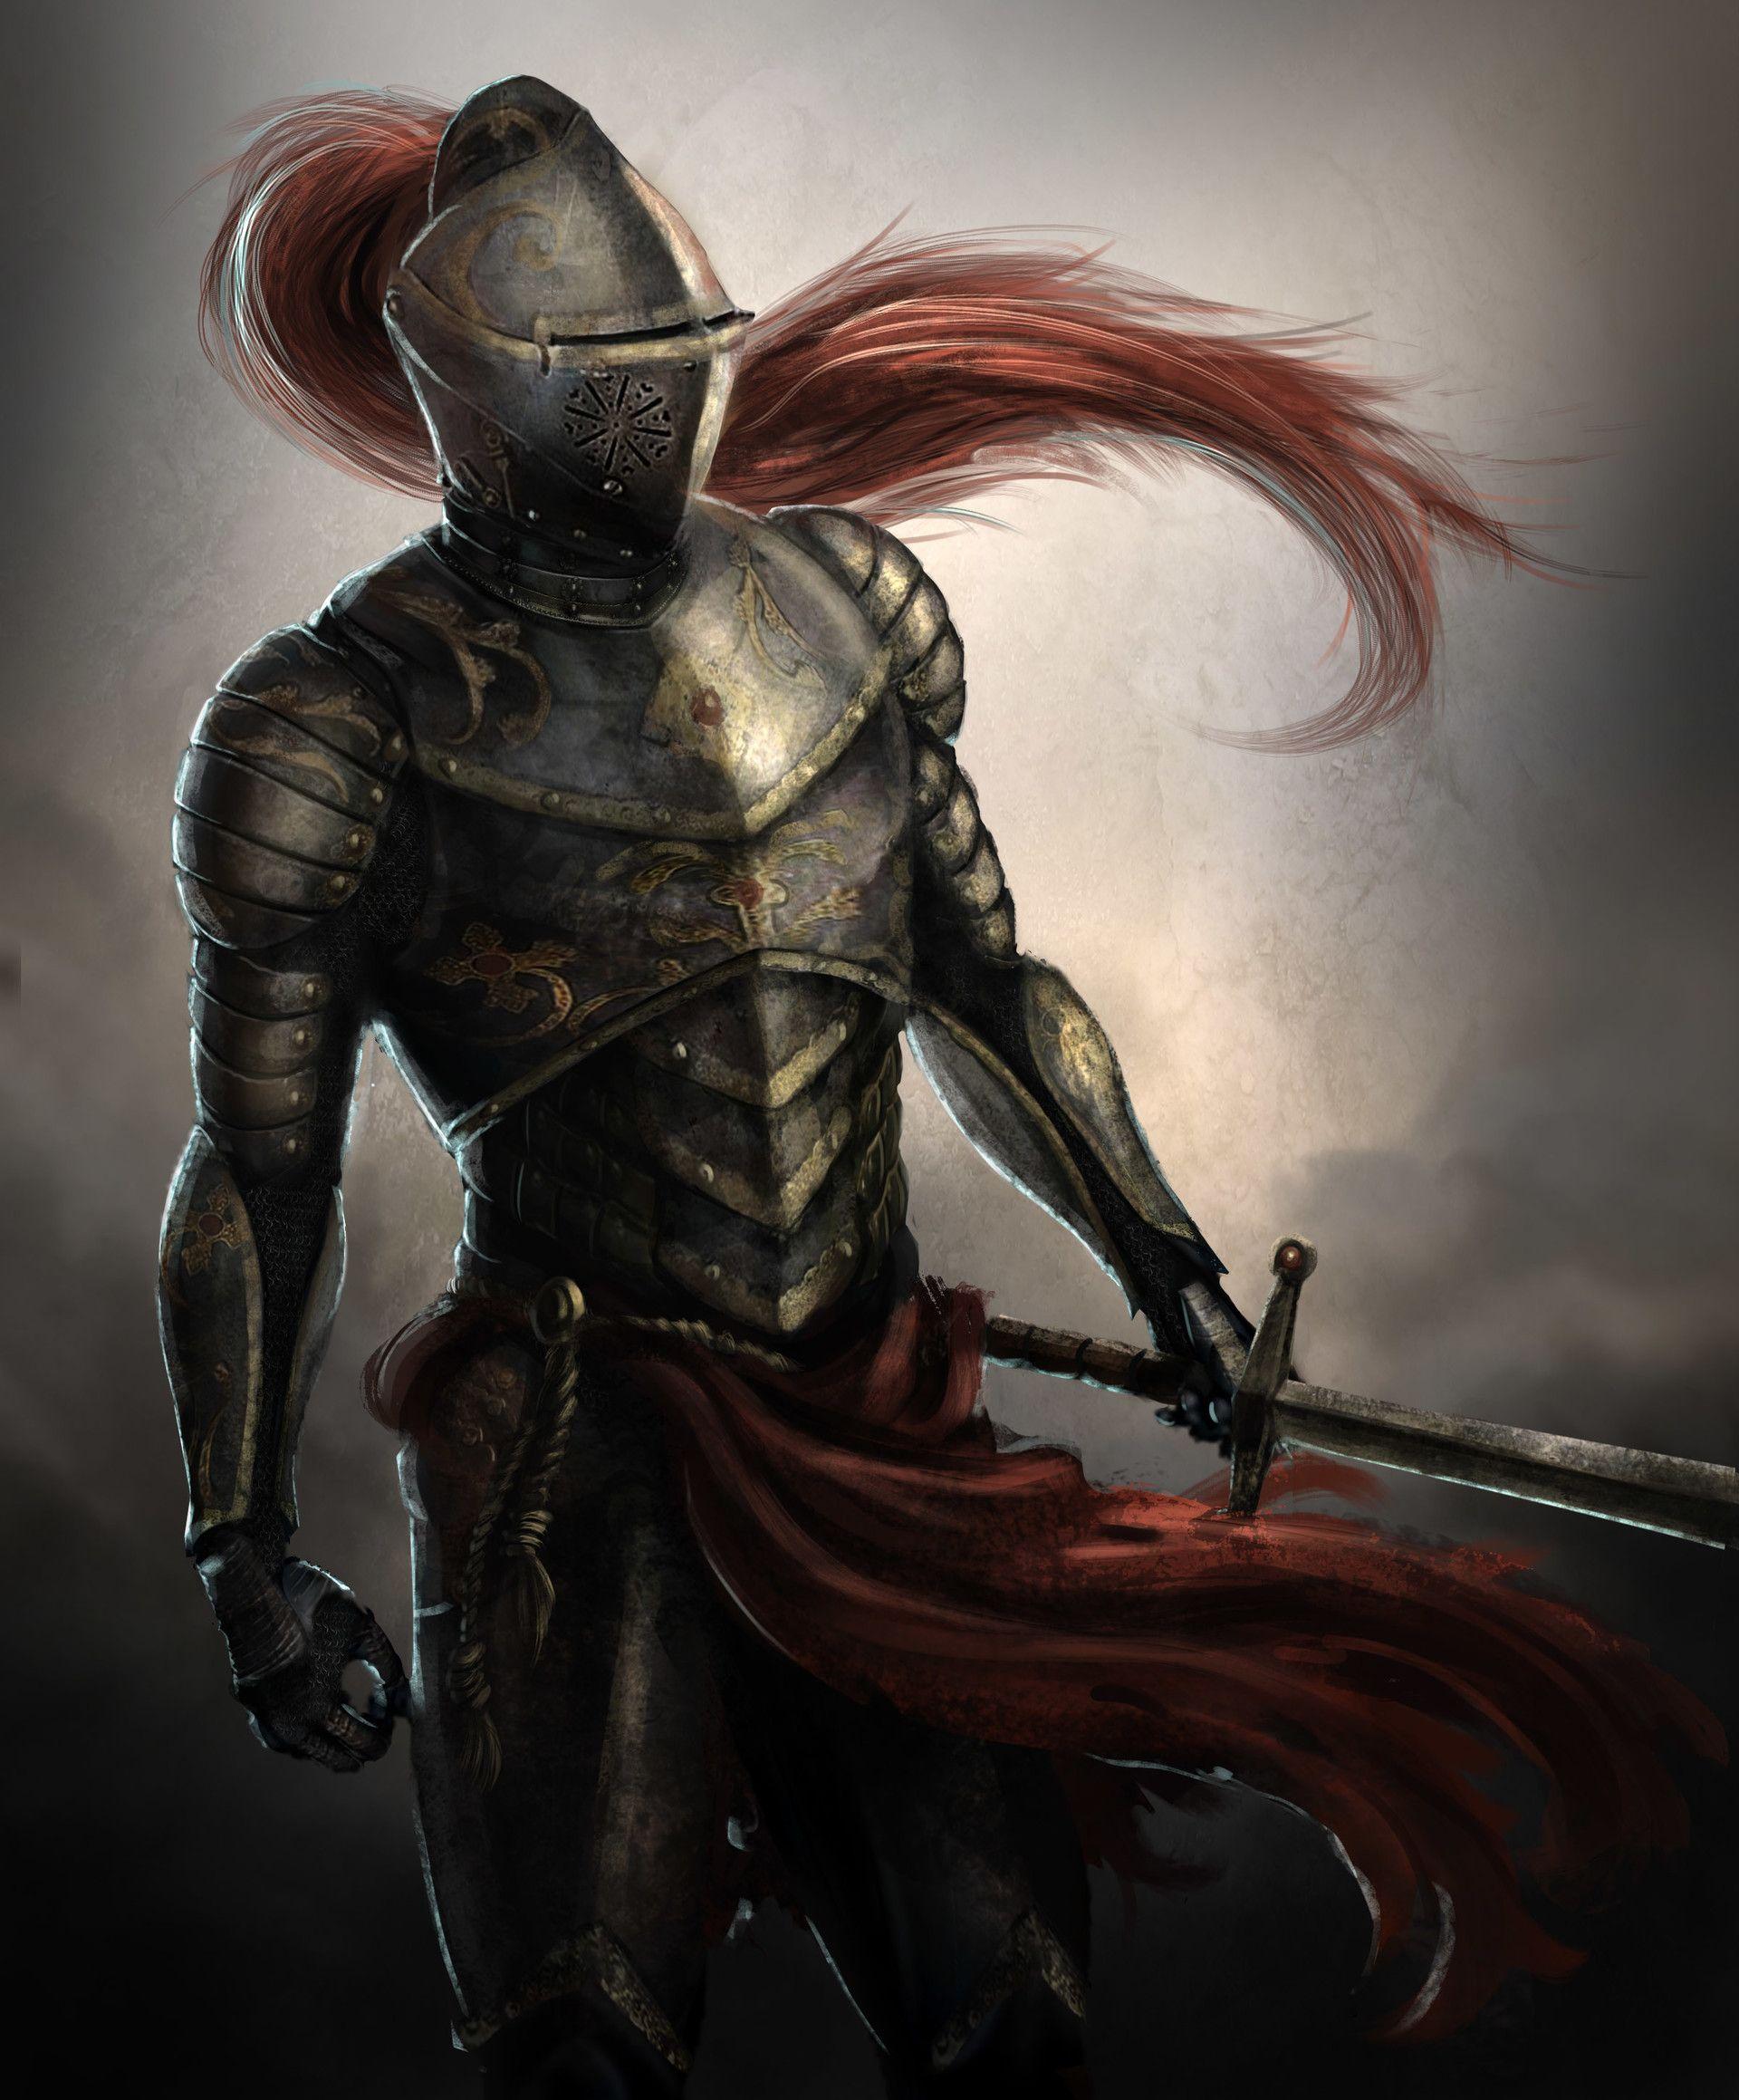 Fantasy Armor, Knight Armor, Knight